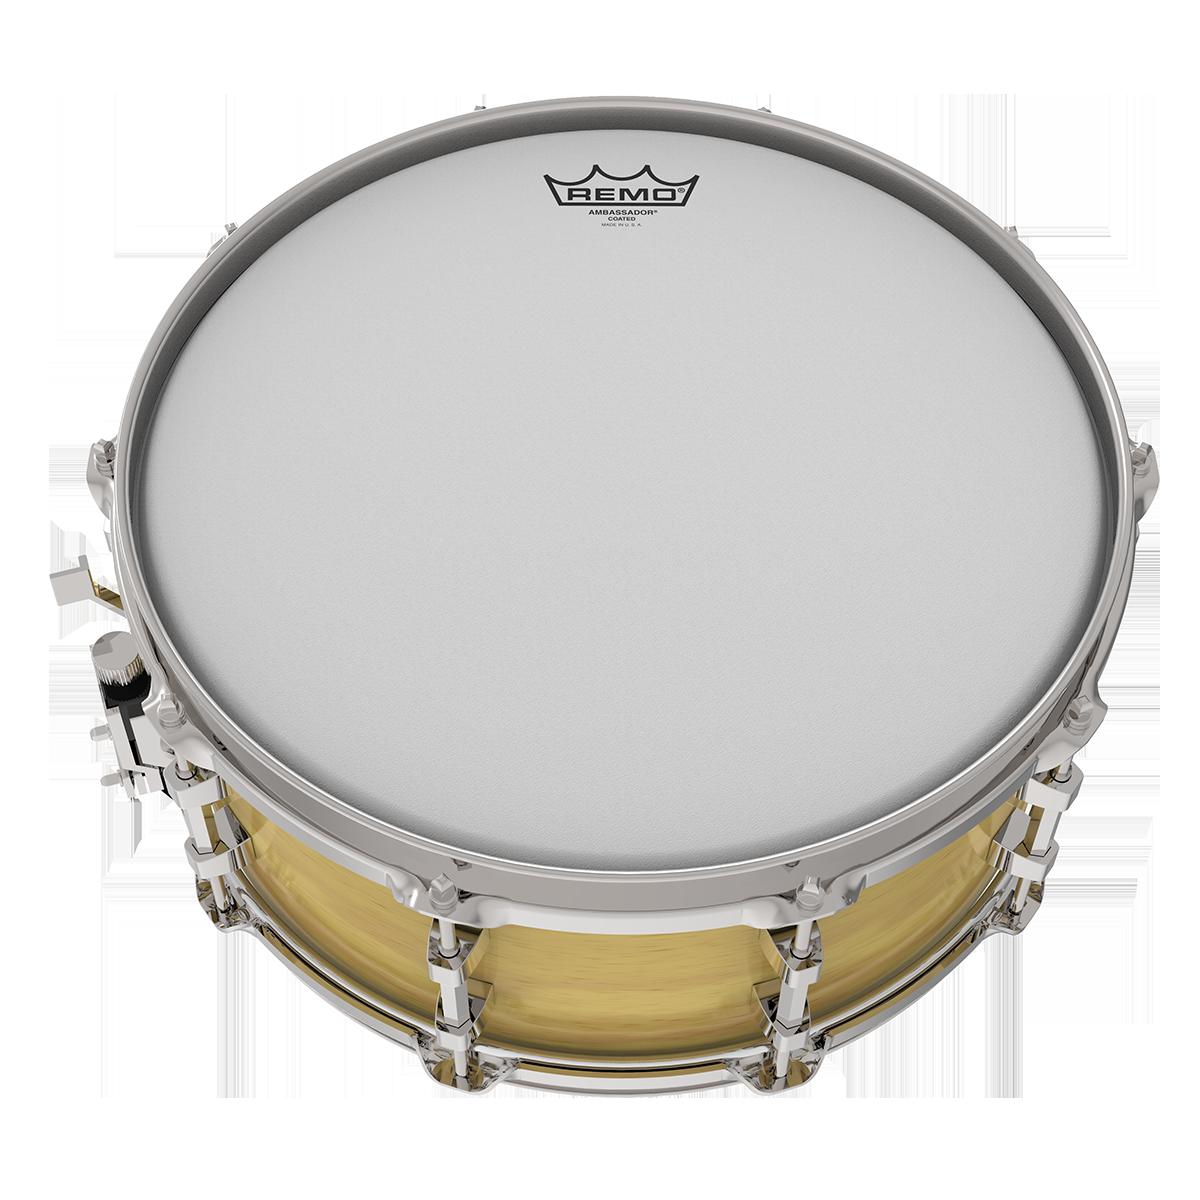 remo ambassador coated drumheads drums on sale. Black Bedroom Furniture Sets. Home Design Ideas